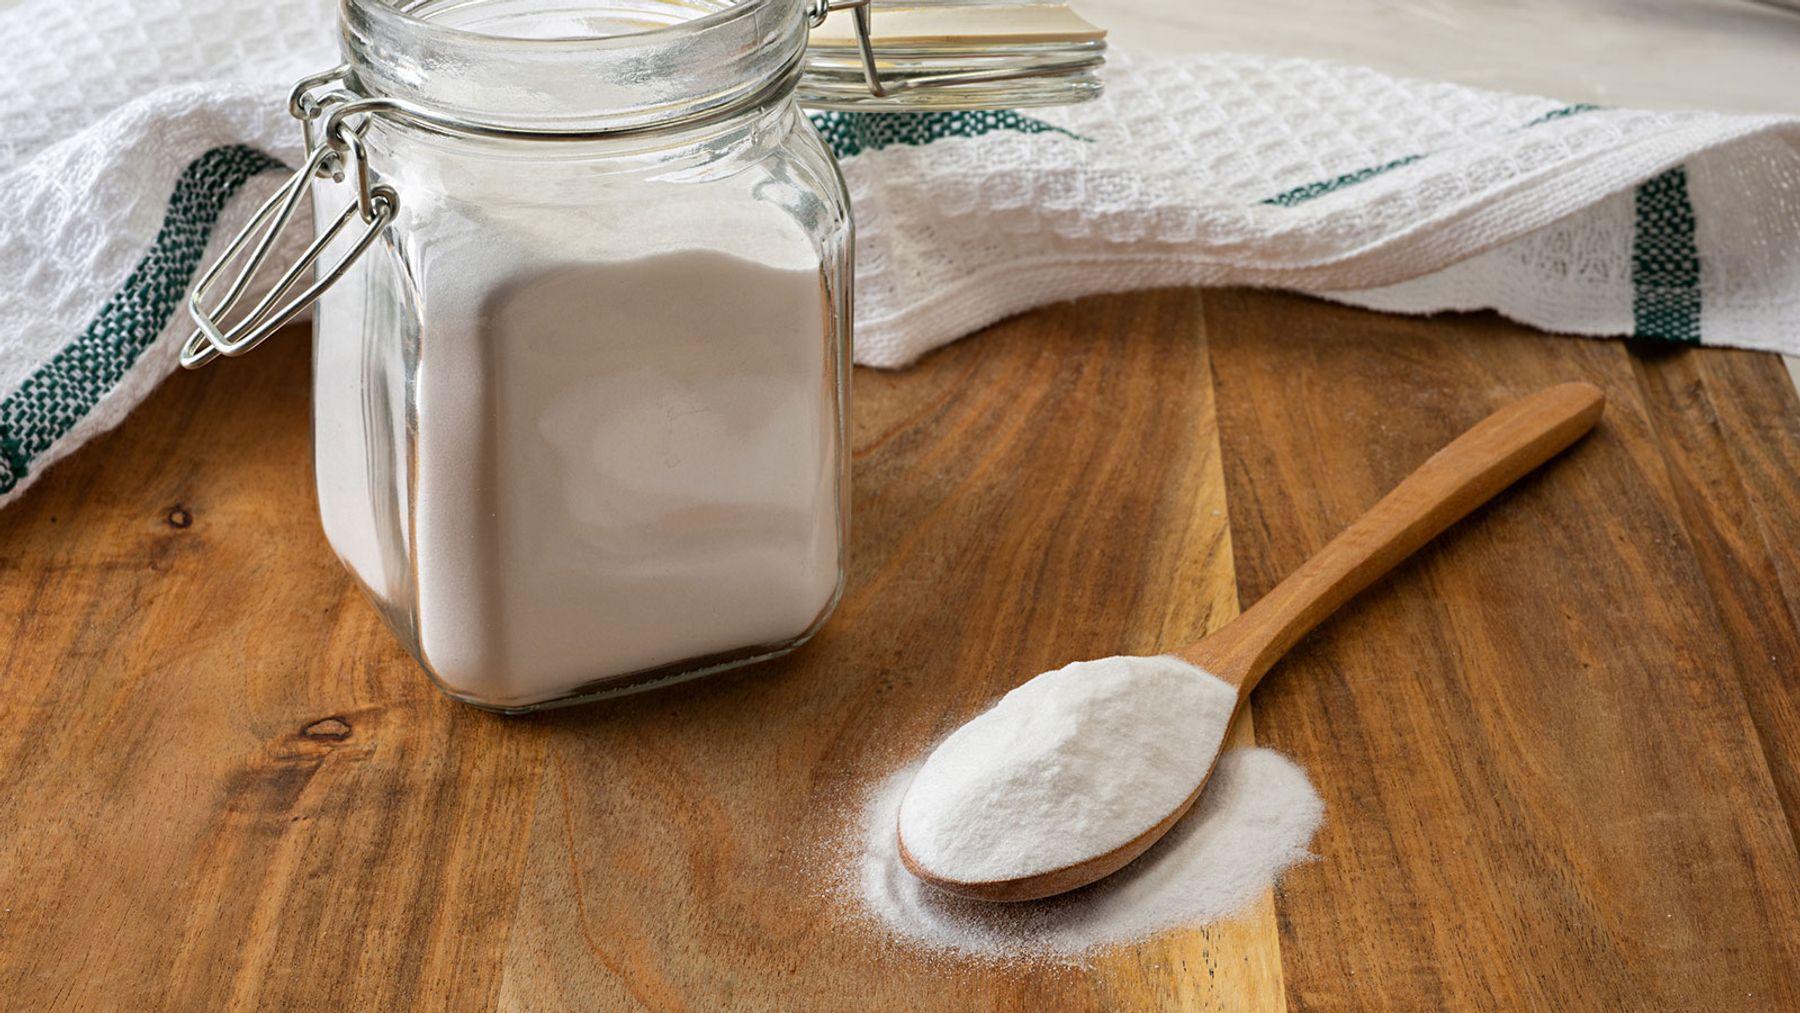 Dùng baking soda để giặt áo trắng